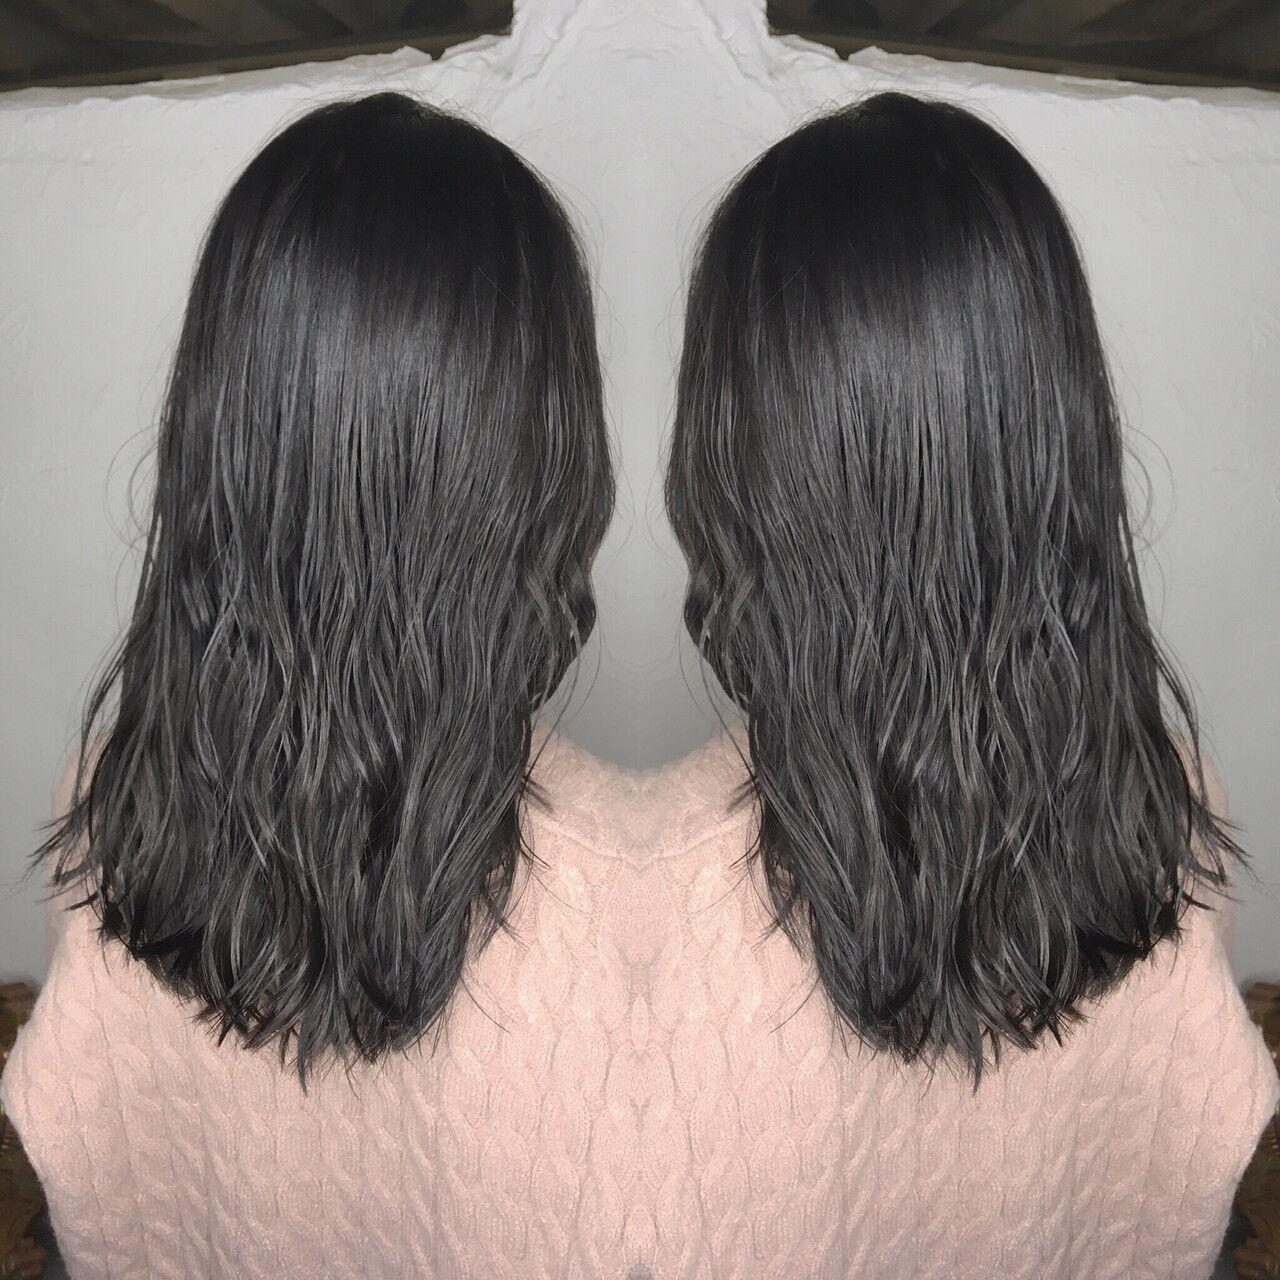 セミロング ストリート 外国人風 ヘアアレンジヘアスタイルや髪型の写真・画像